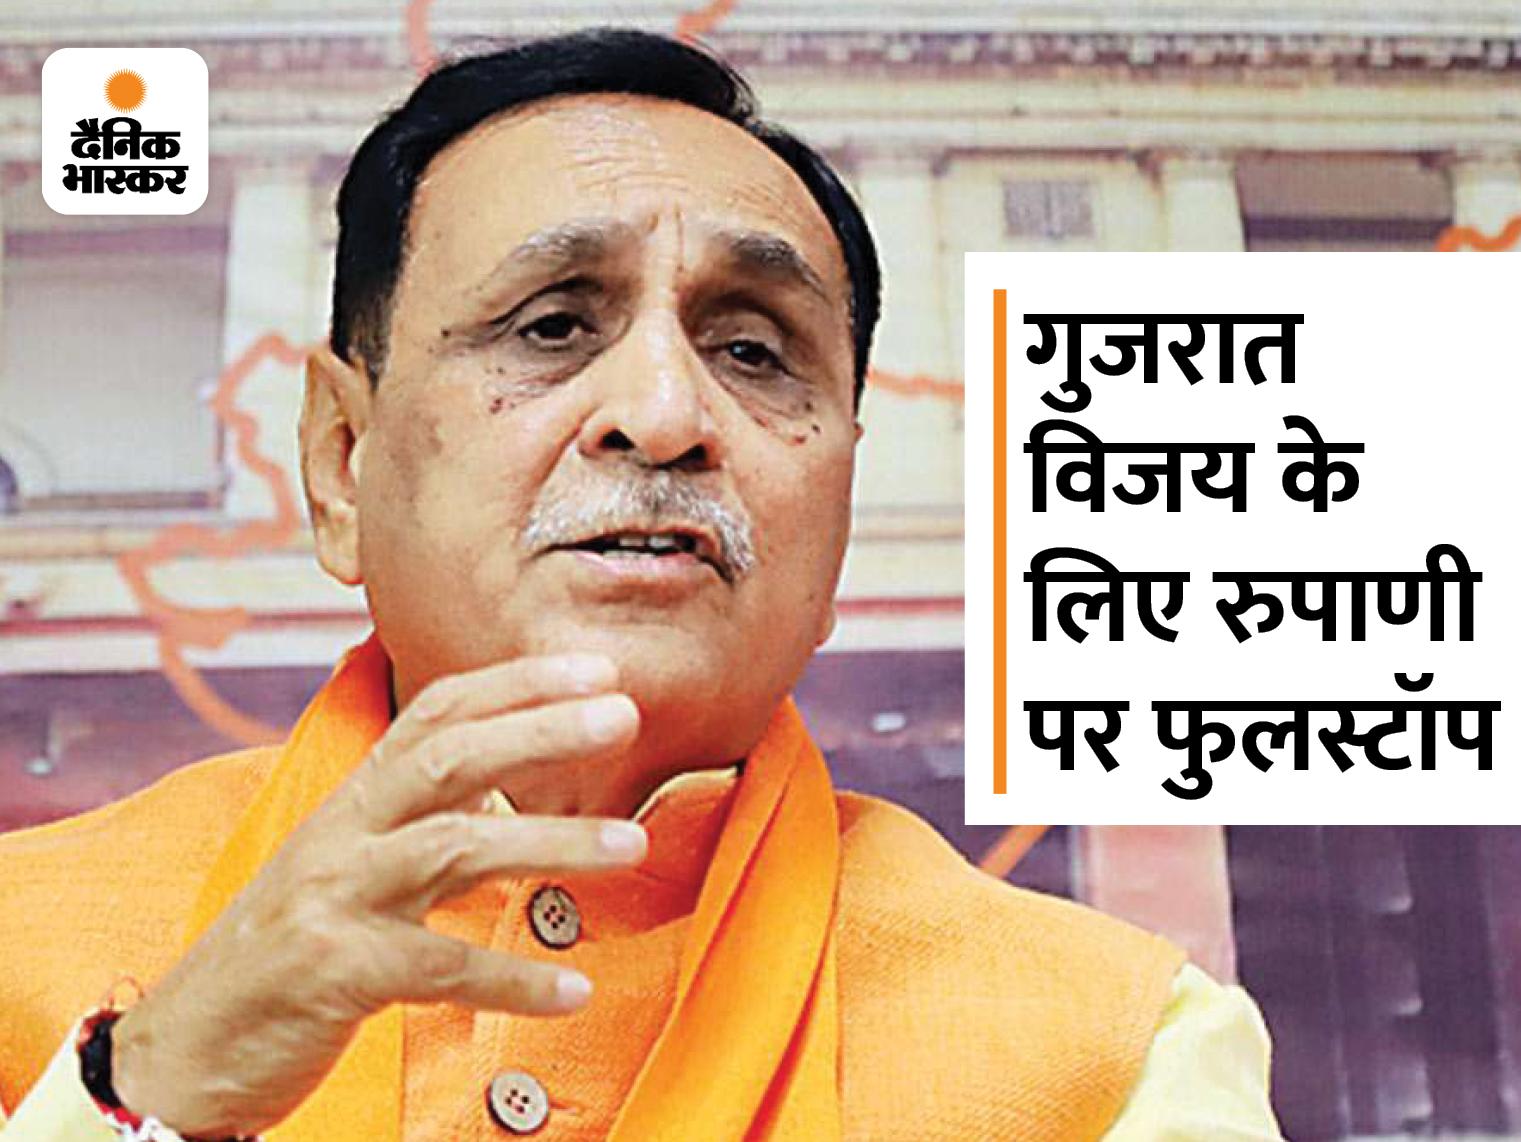 रुपाणी के इस्तीफे के बाद भाजपा आज चुनेगी नया नेता, सभी विधायकों को अहमदाबाद बुलाया गया|देश,National - Dainik Bhaskar